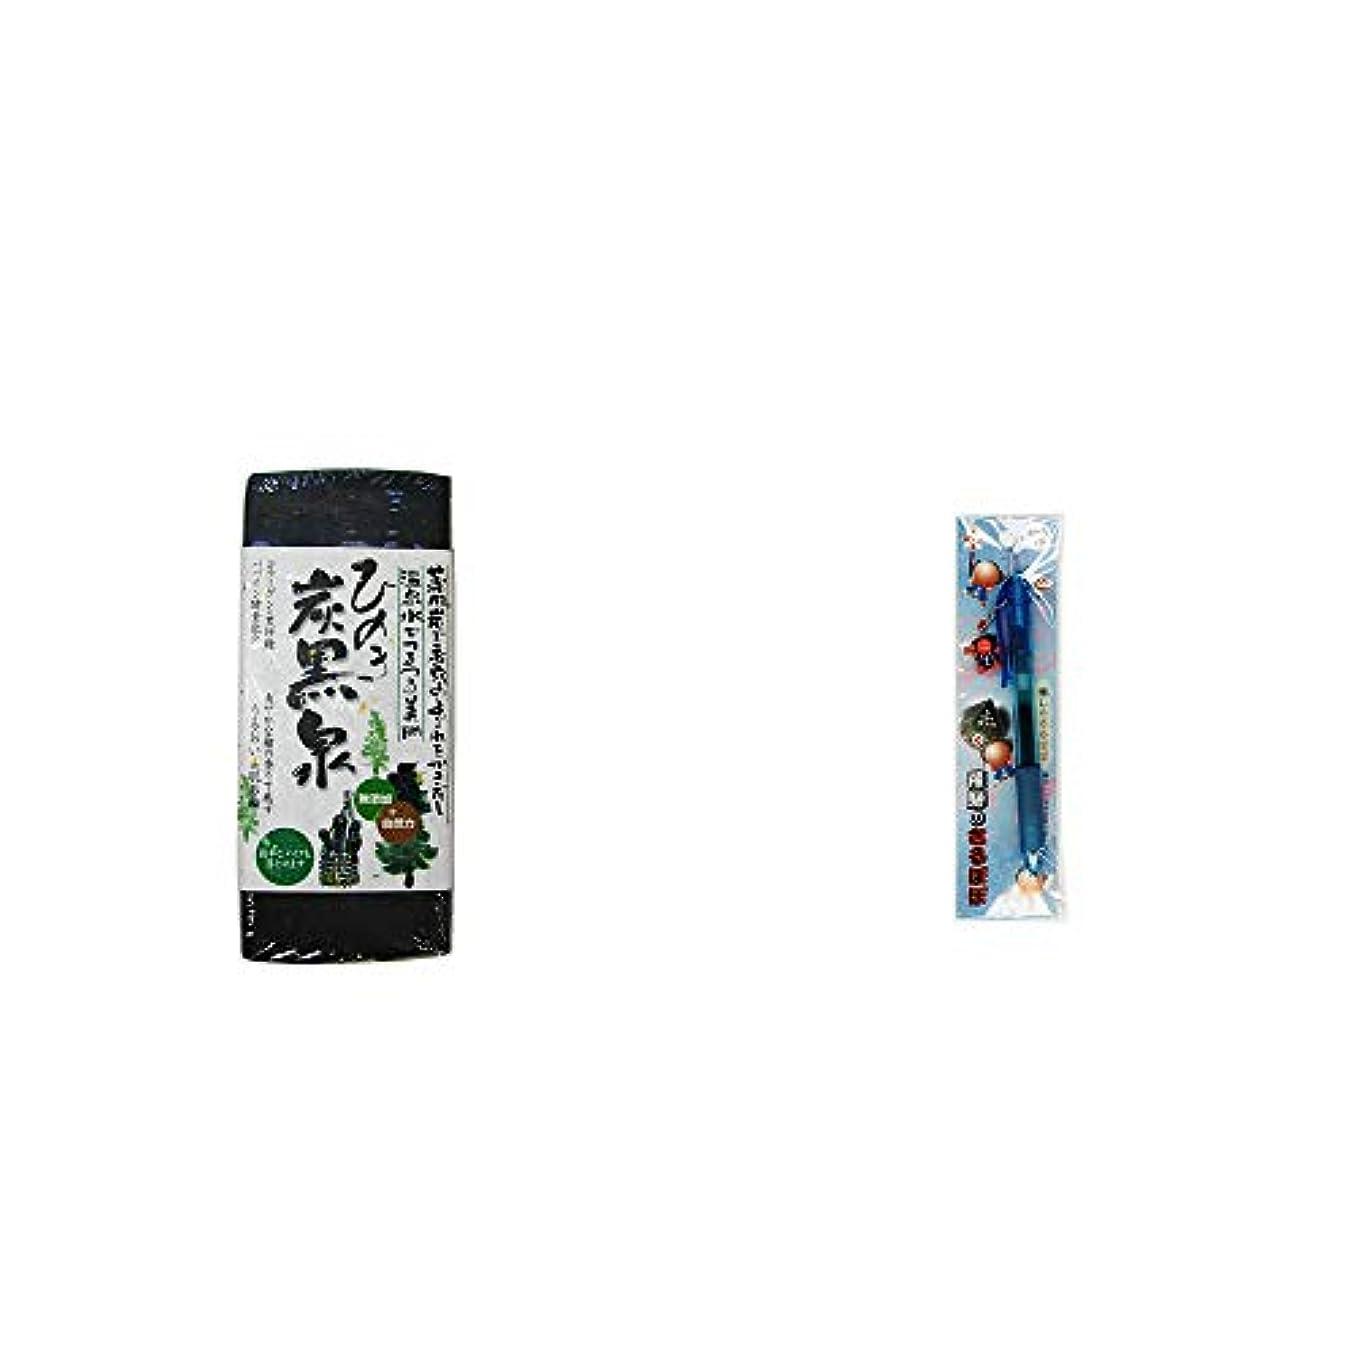 ボトルネック自殺絶対の[2点セット] ひのき炭黒泉(75g×2)・さるぼぼ 癒しボールペン 【ブルー】